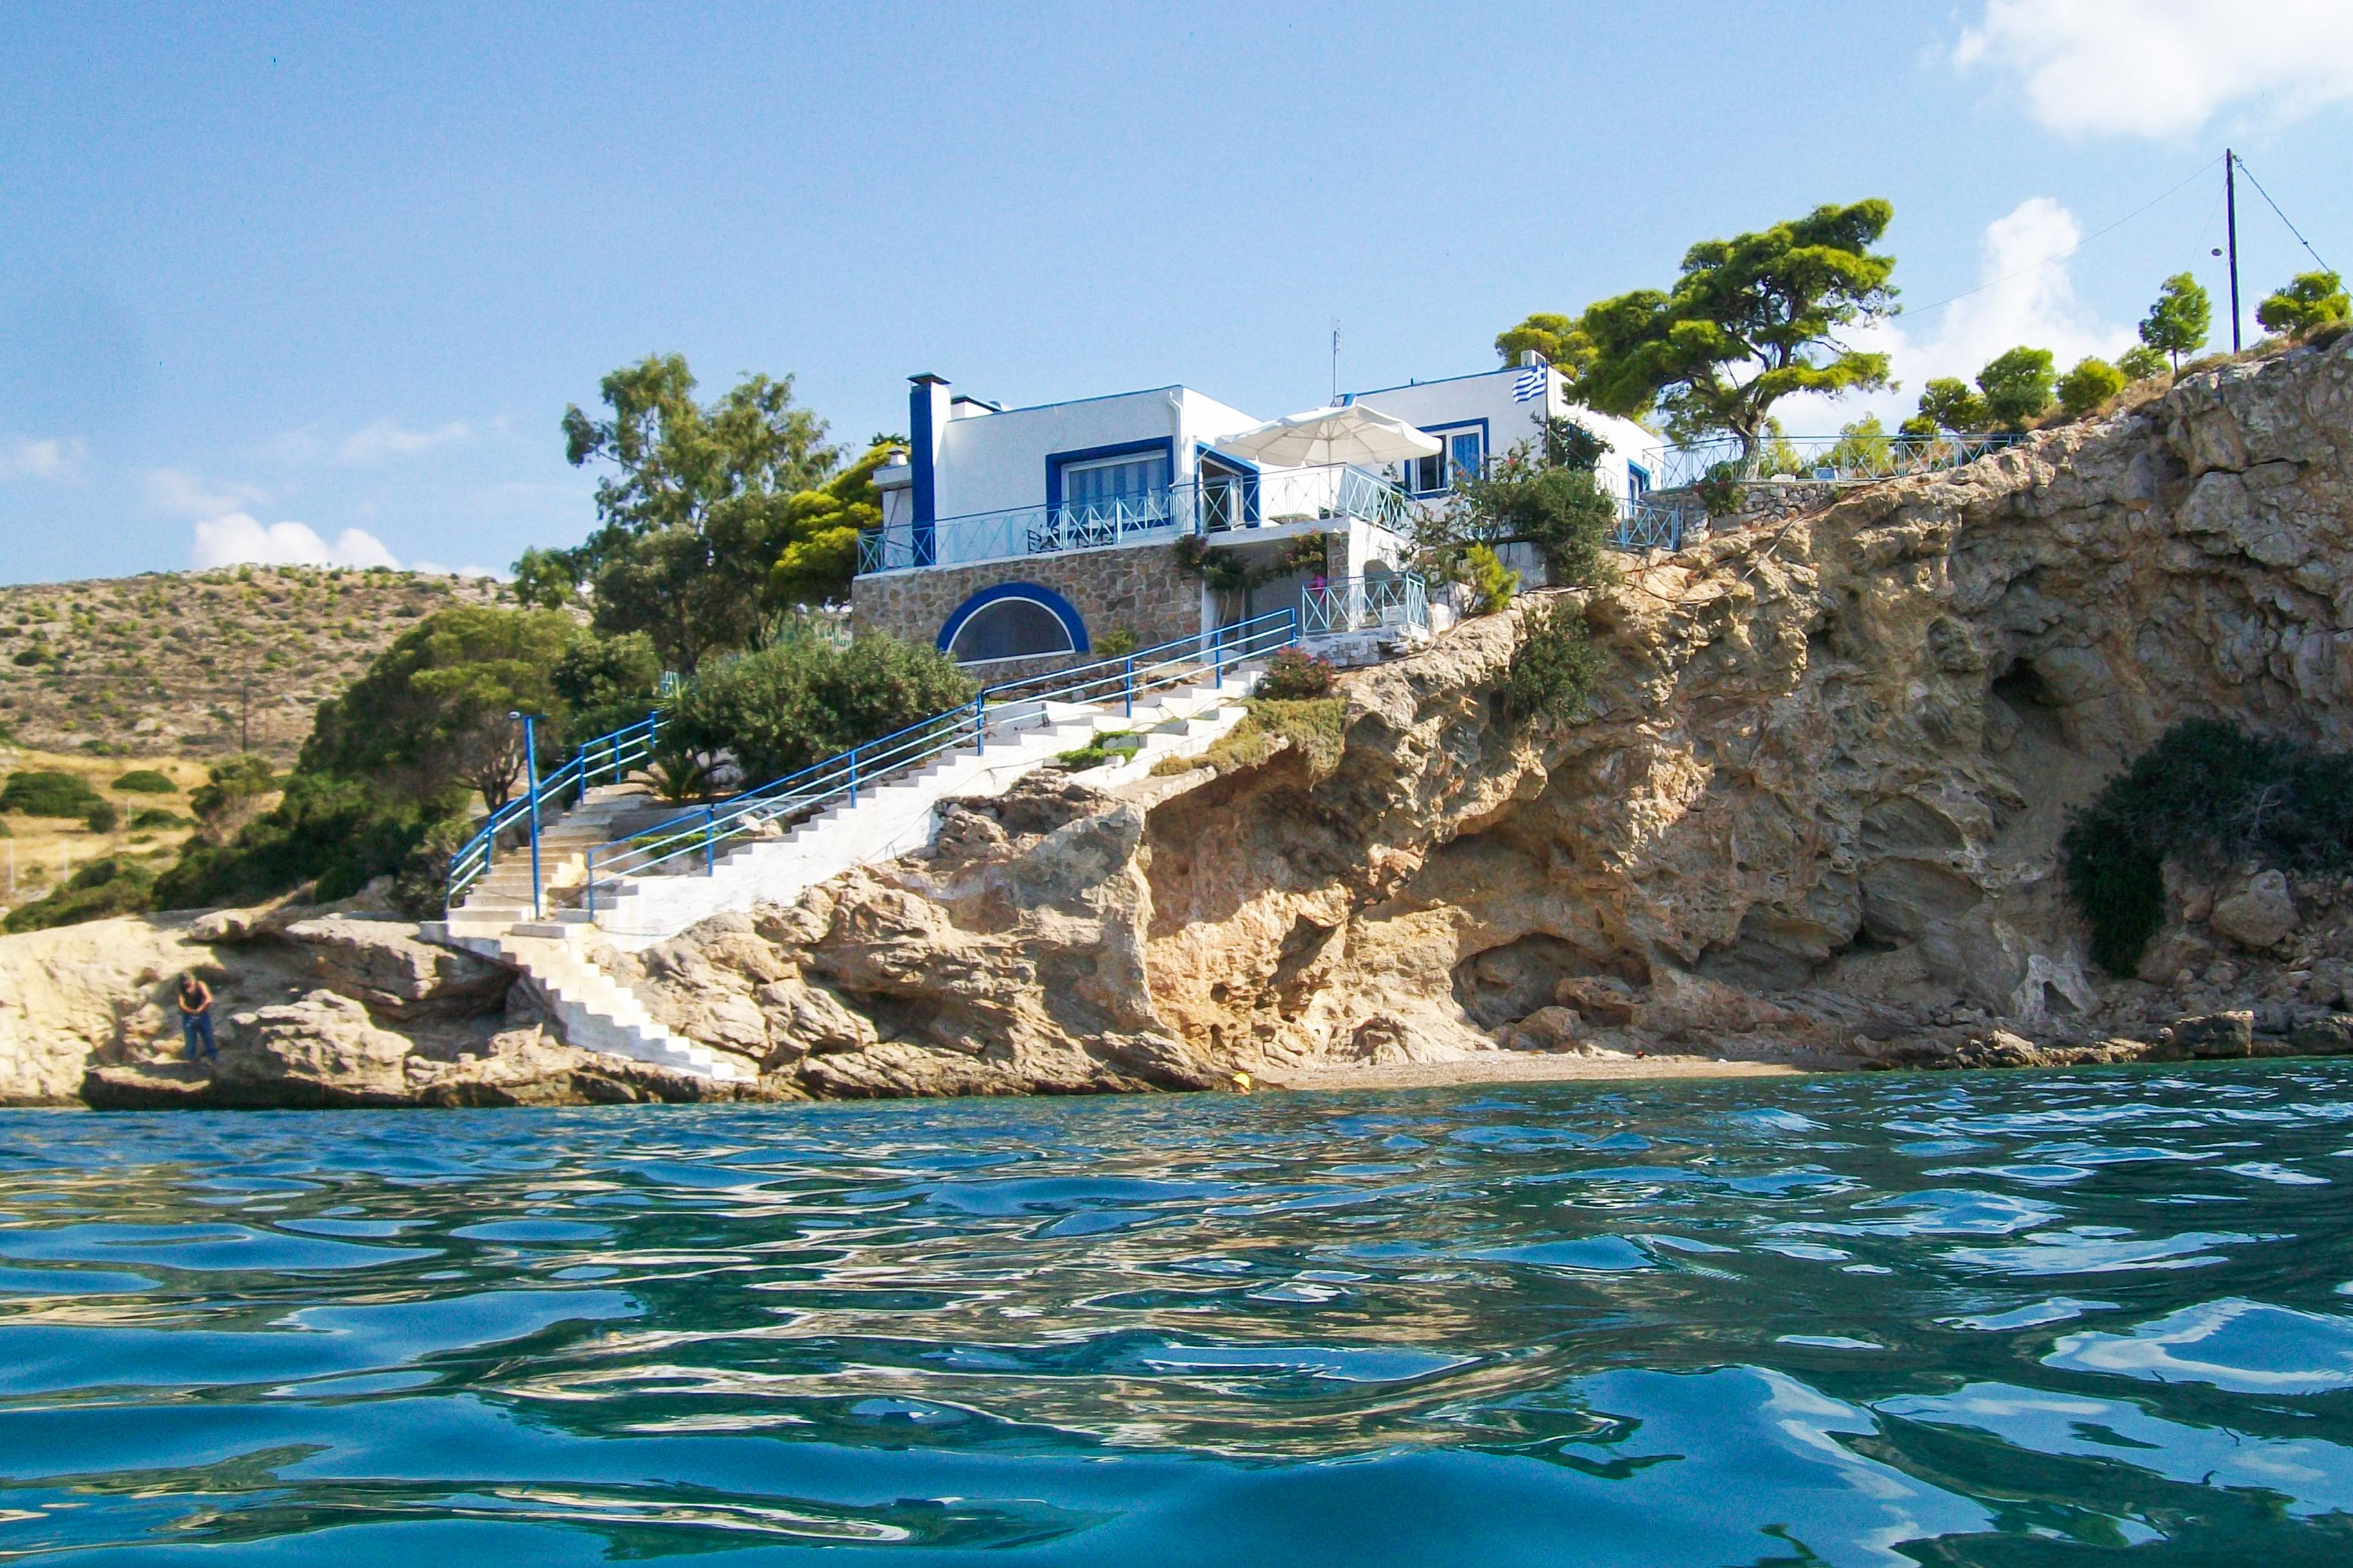 Ferienhaus Luxuriöse Villa in Megara direkt am Meer, mit wunderschöner Aussicht und möbliertem Balkon (2294781), Megara, , Attika, Griechenland, Bild 1